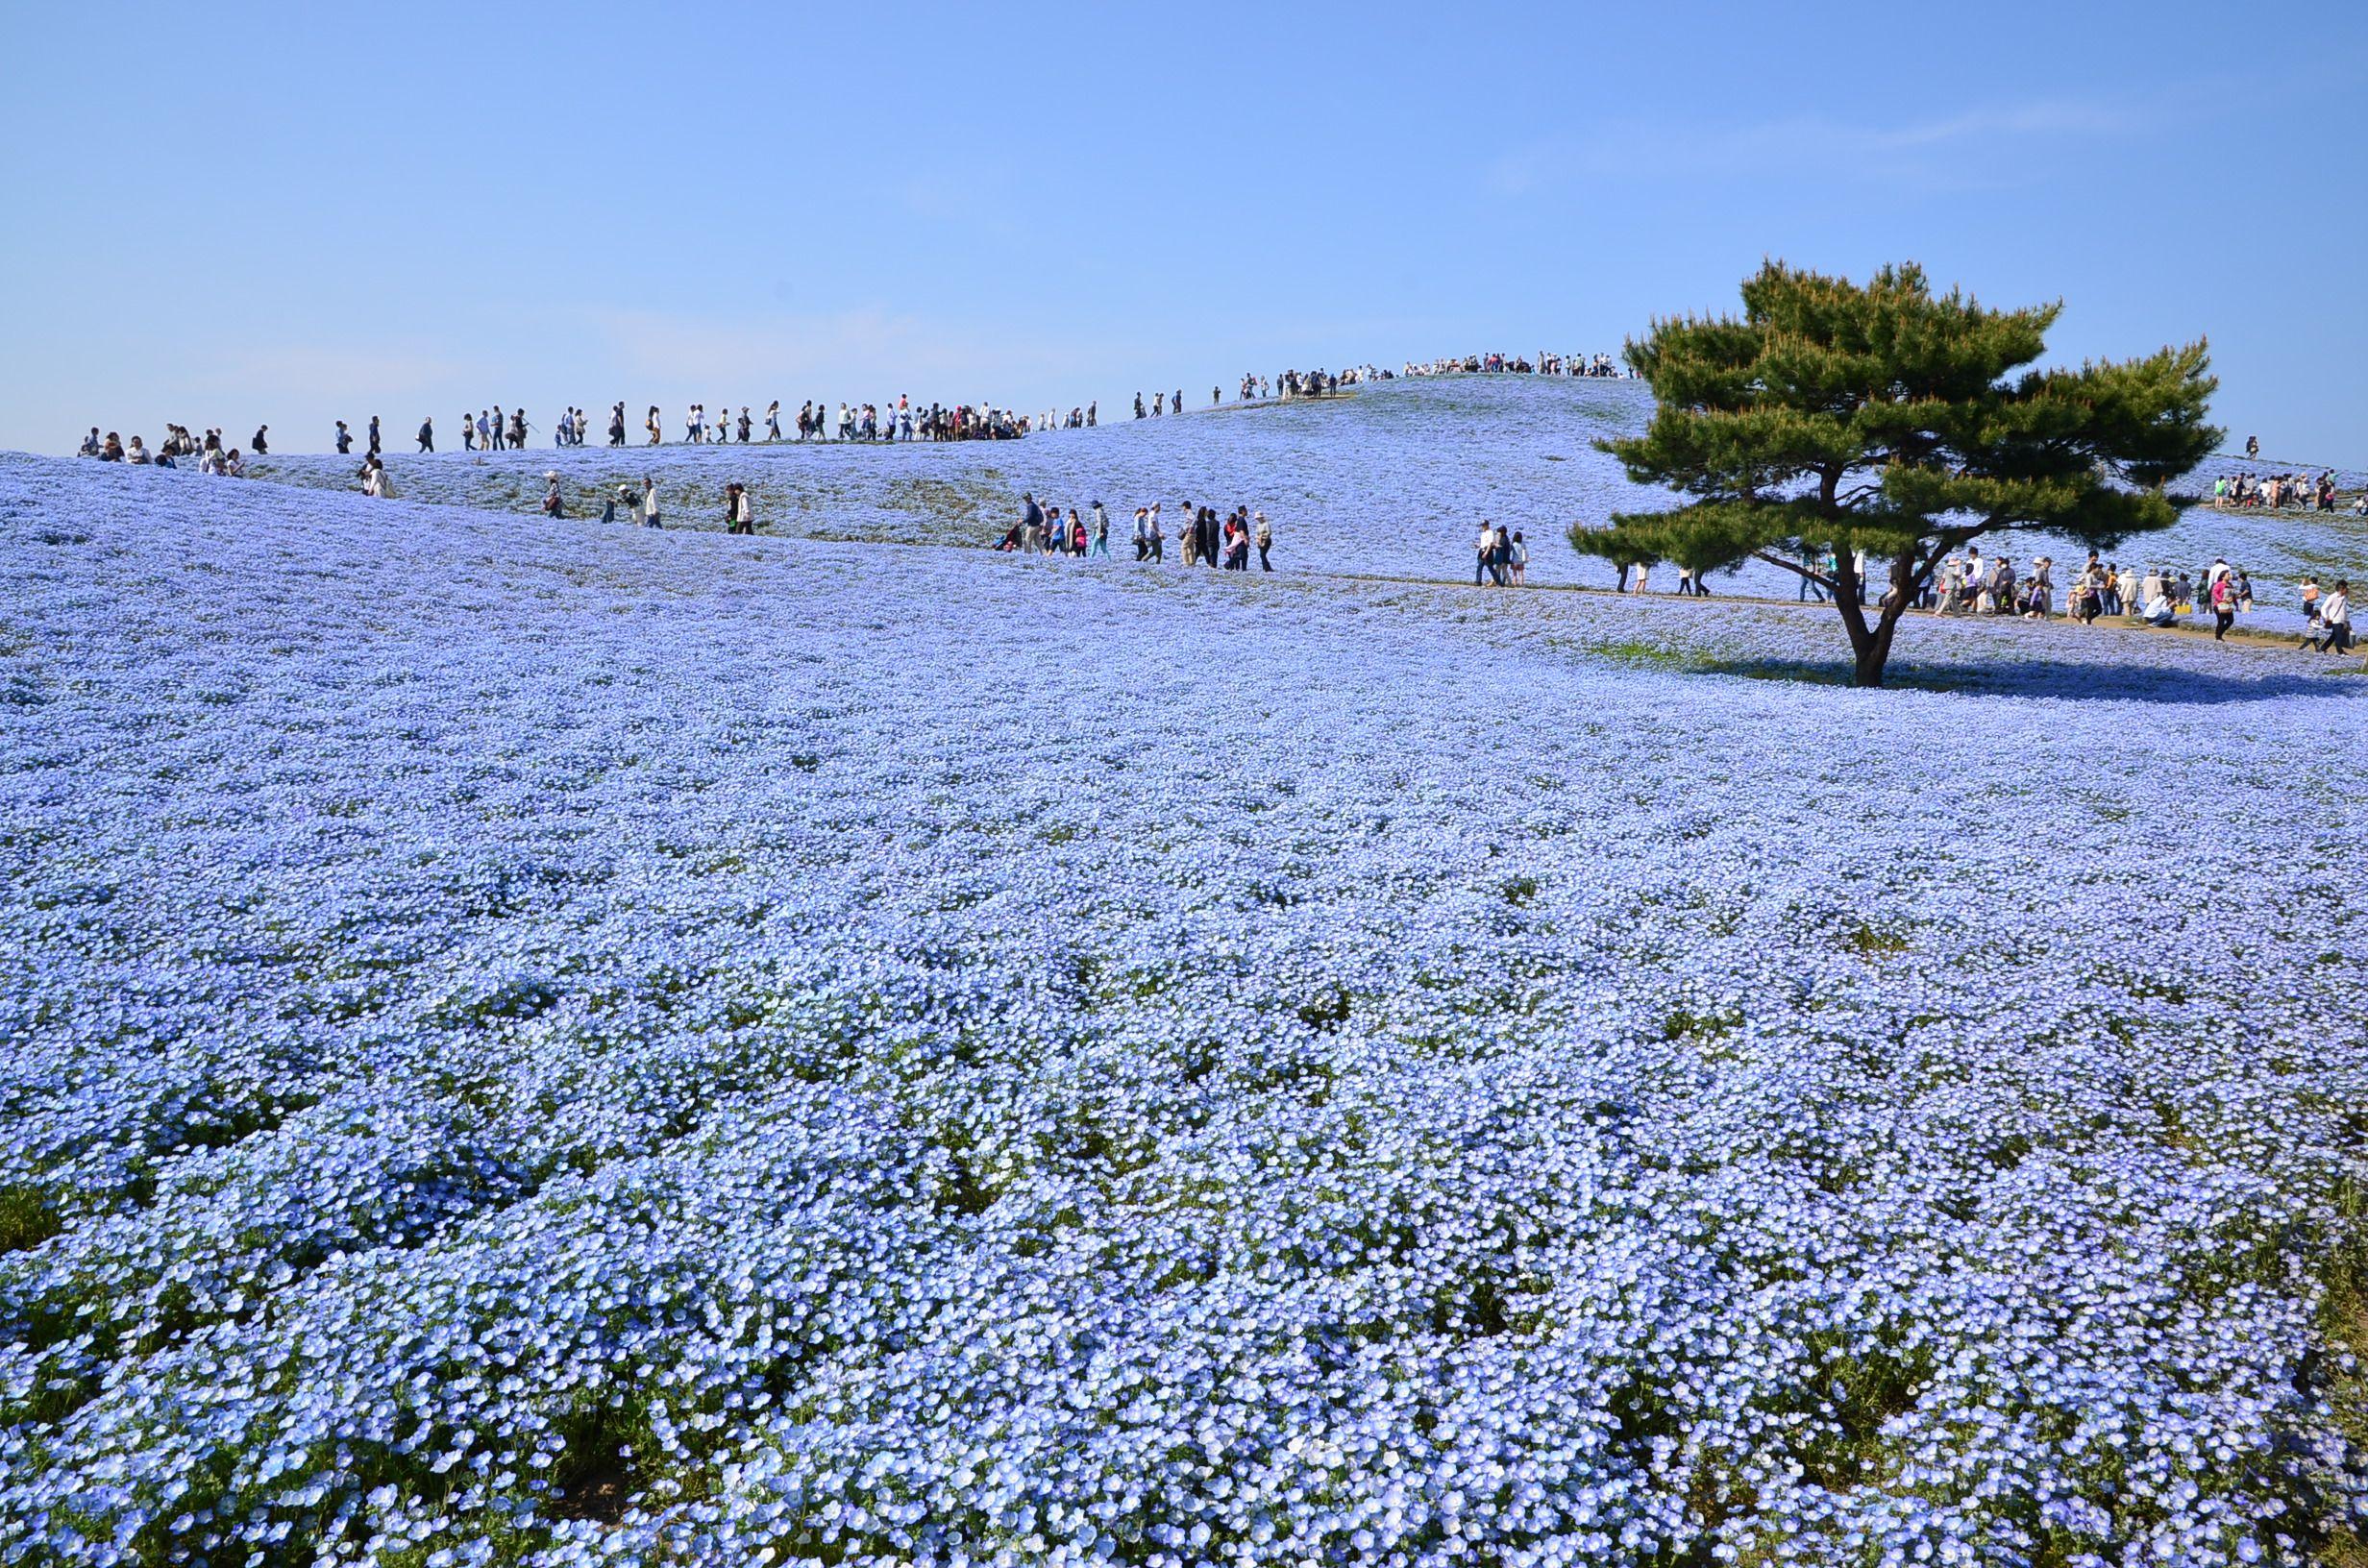 Lugares exóticos del mundo - Parque Hitachi